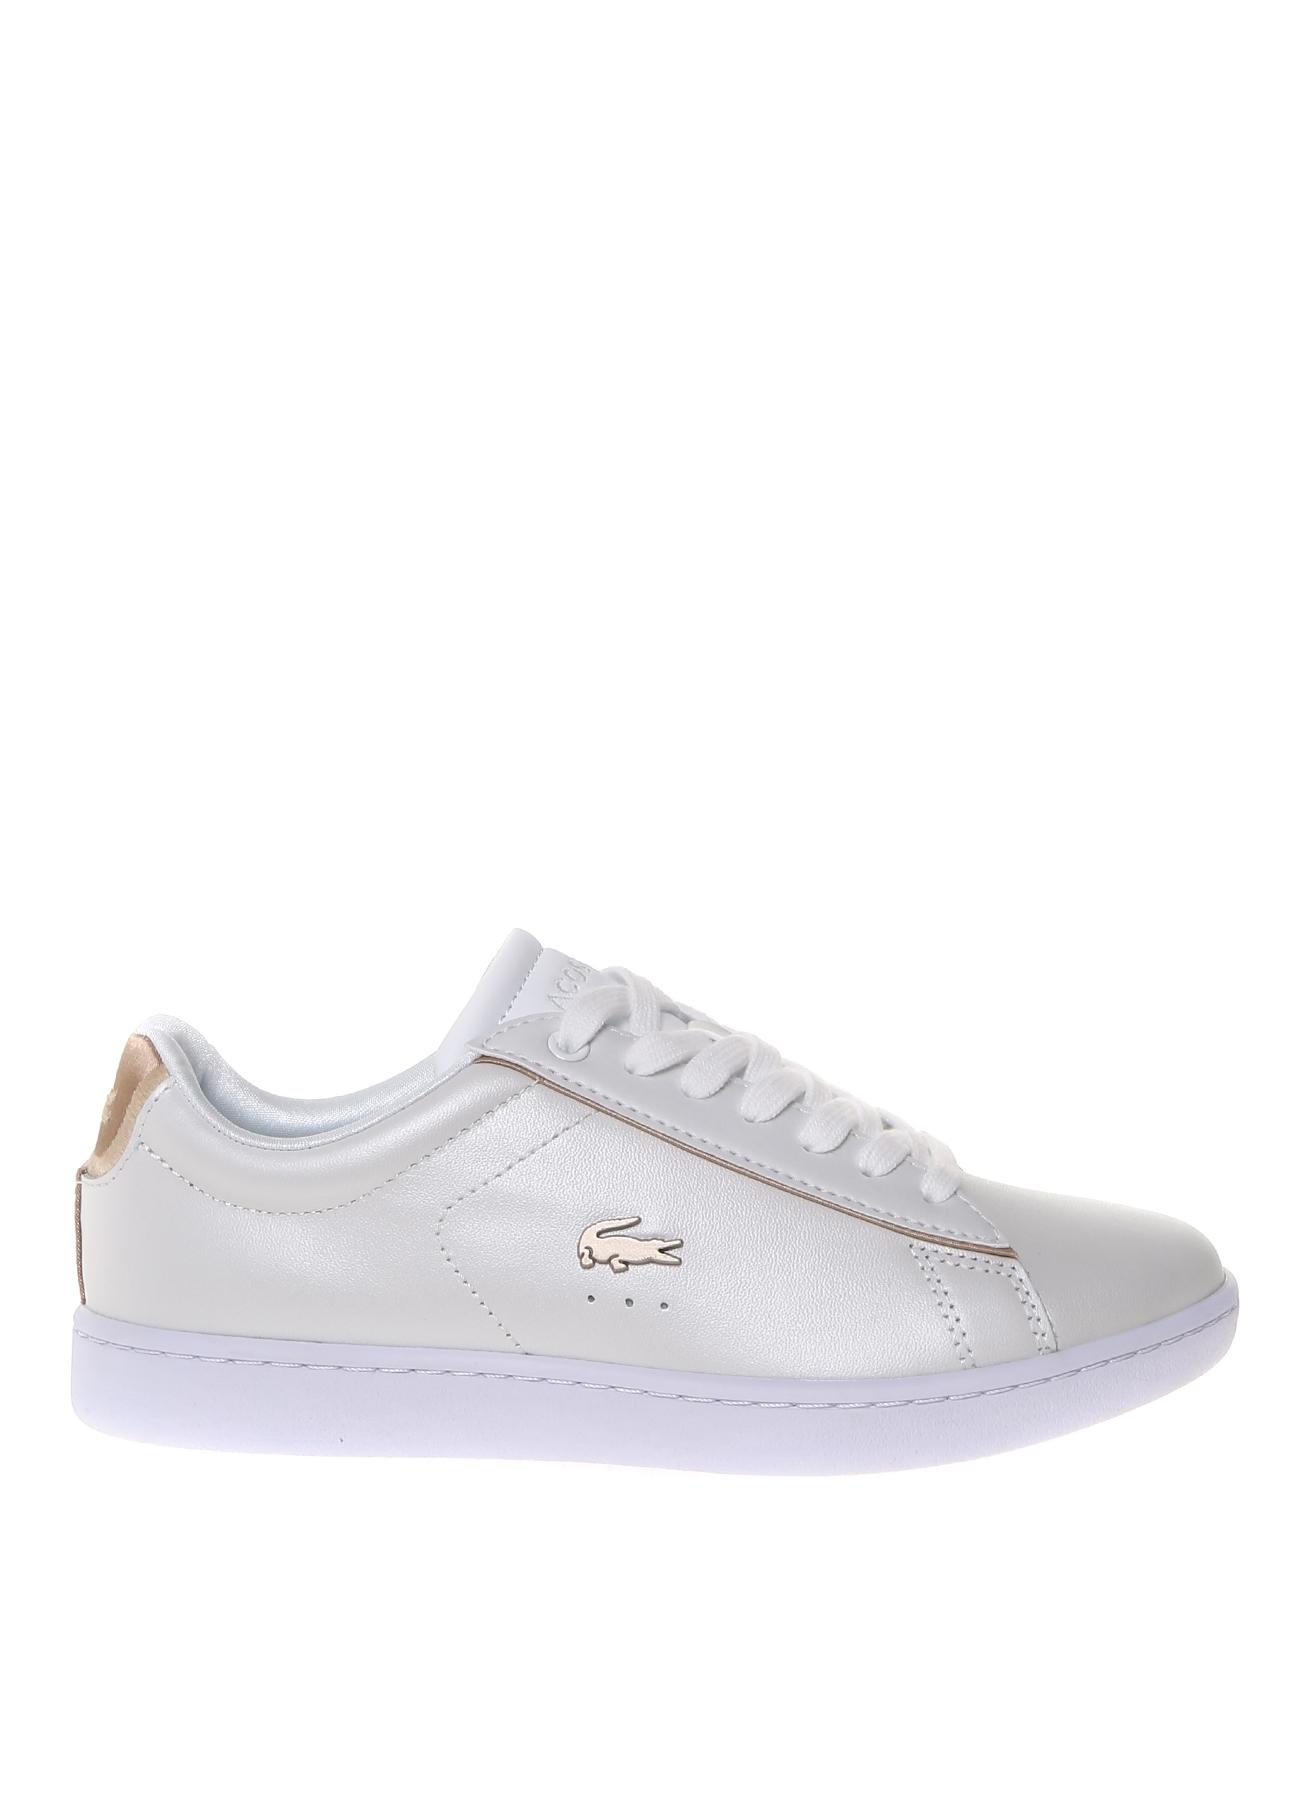 Lacoste Kadın Deri Beyaz Düz Ayakkabı 37 5000203250002 Ürün Resmi